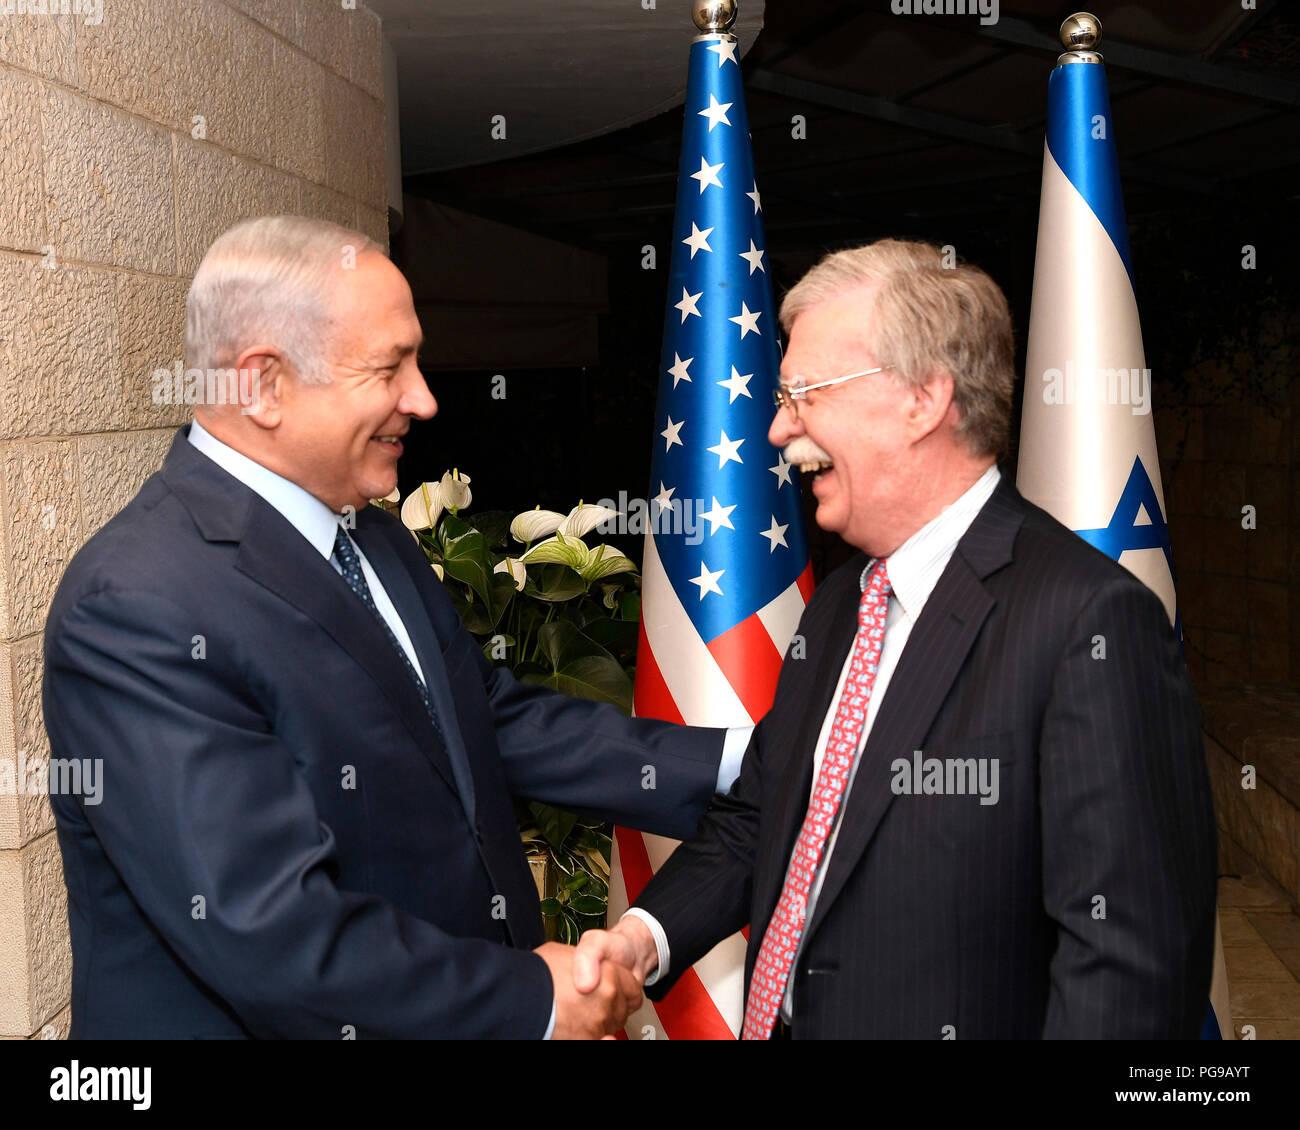 U.S. National Security Advisor, Ambassador John Bolton meets Israeli Prime Minister Benjamin Netanyahu for dinner at the Prime Minister's Residence, Jerusalem, August 19, 2018. - Stock Image